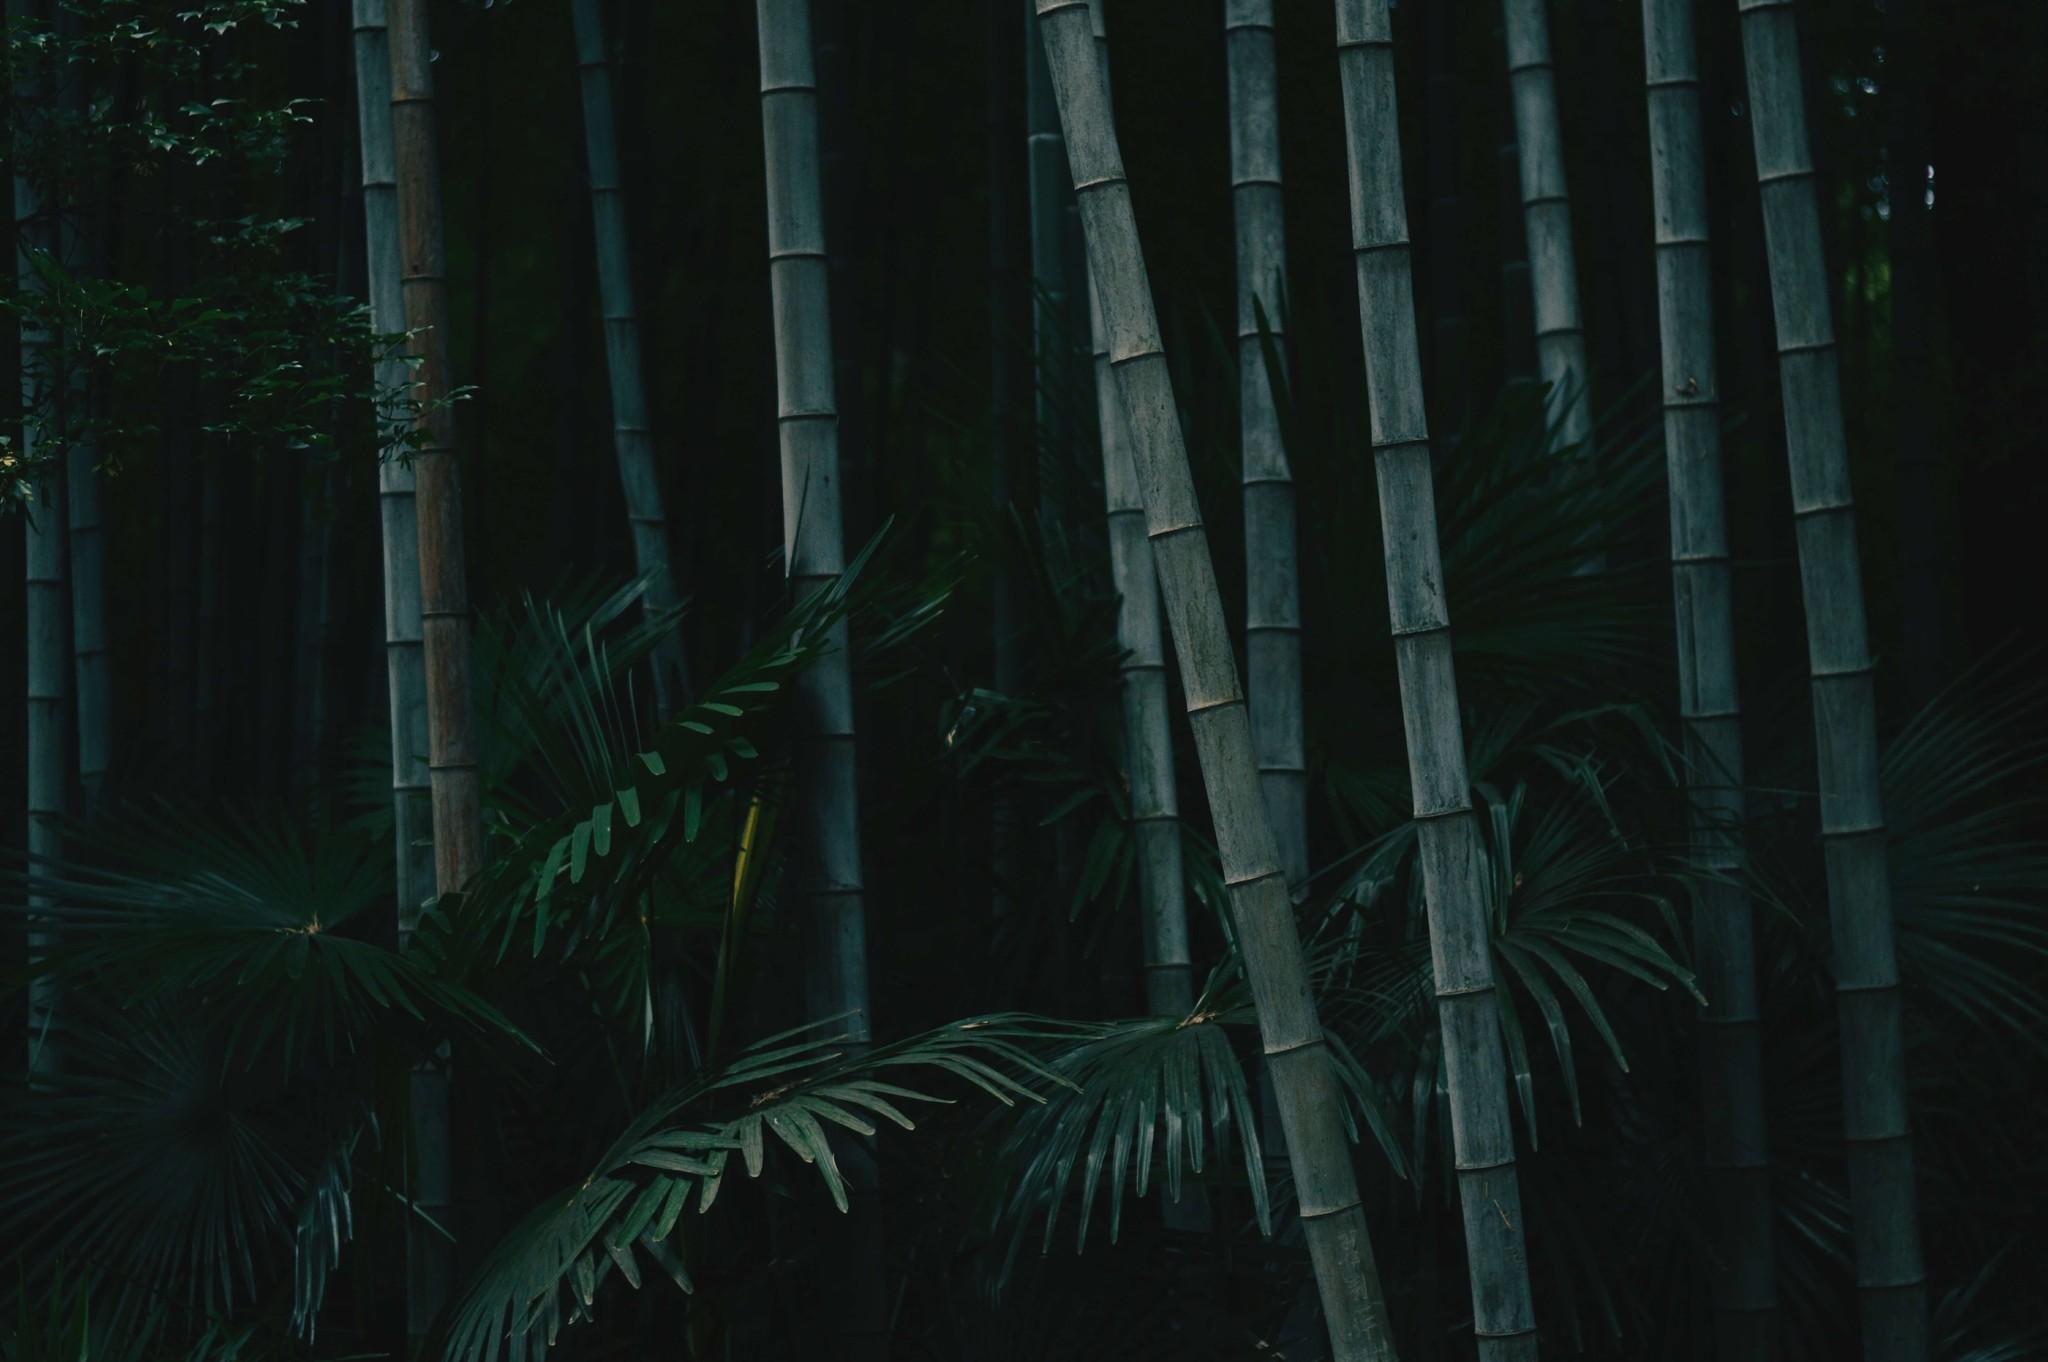 Bamboe; een van de meest veelzijdige materialen ter wereld